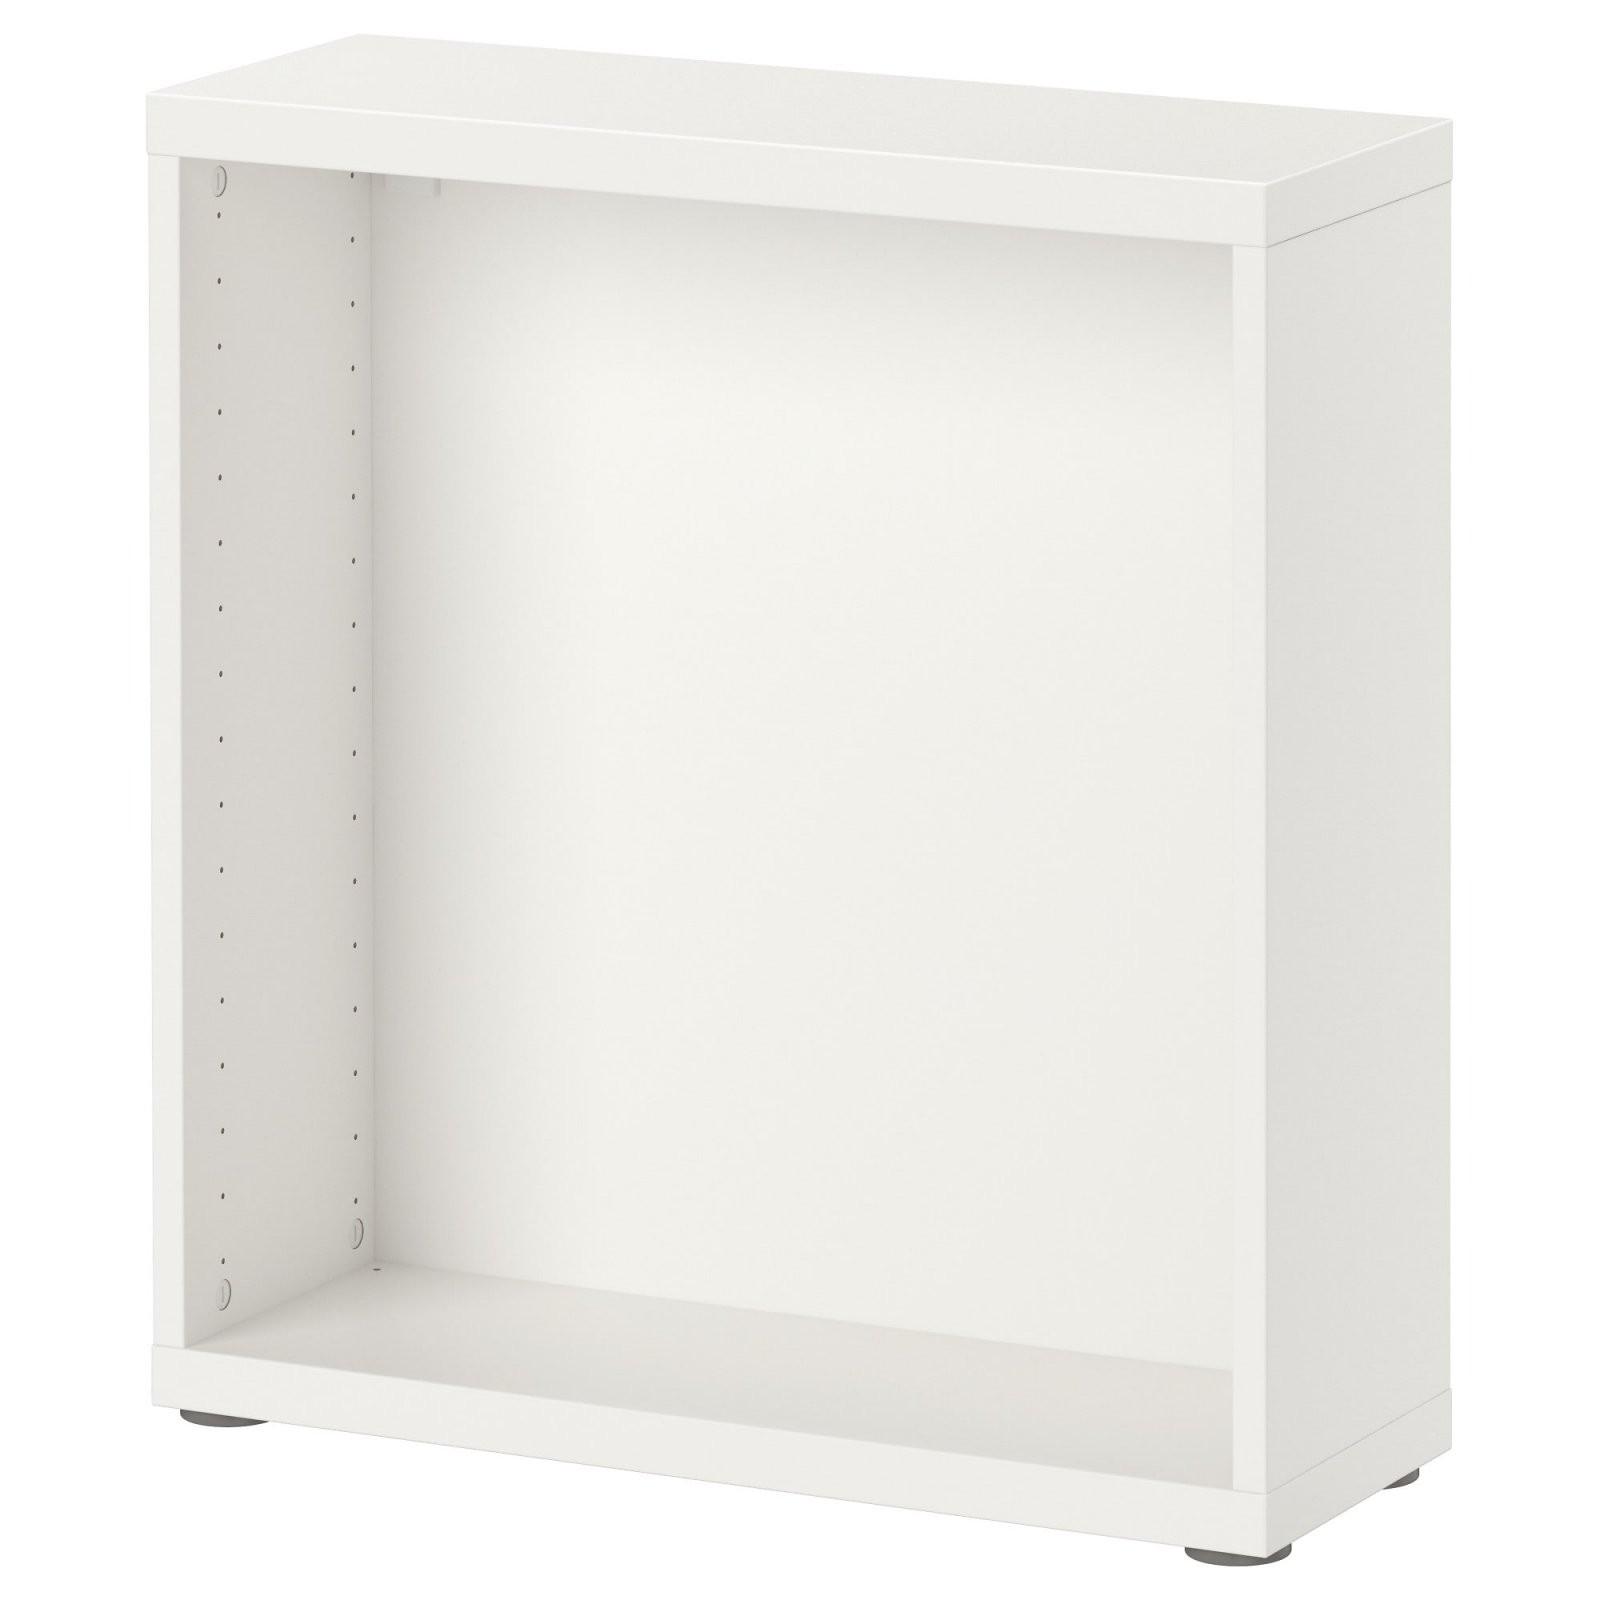 Schrank 20 Cm Tief Ikea Beste Pe S  Lopeskonorge von Kommode 20 Cm Tief Bild